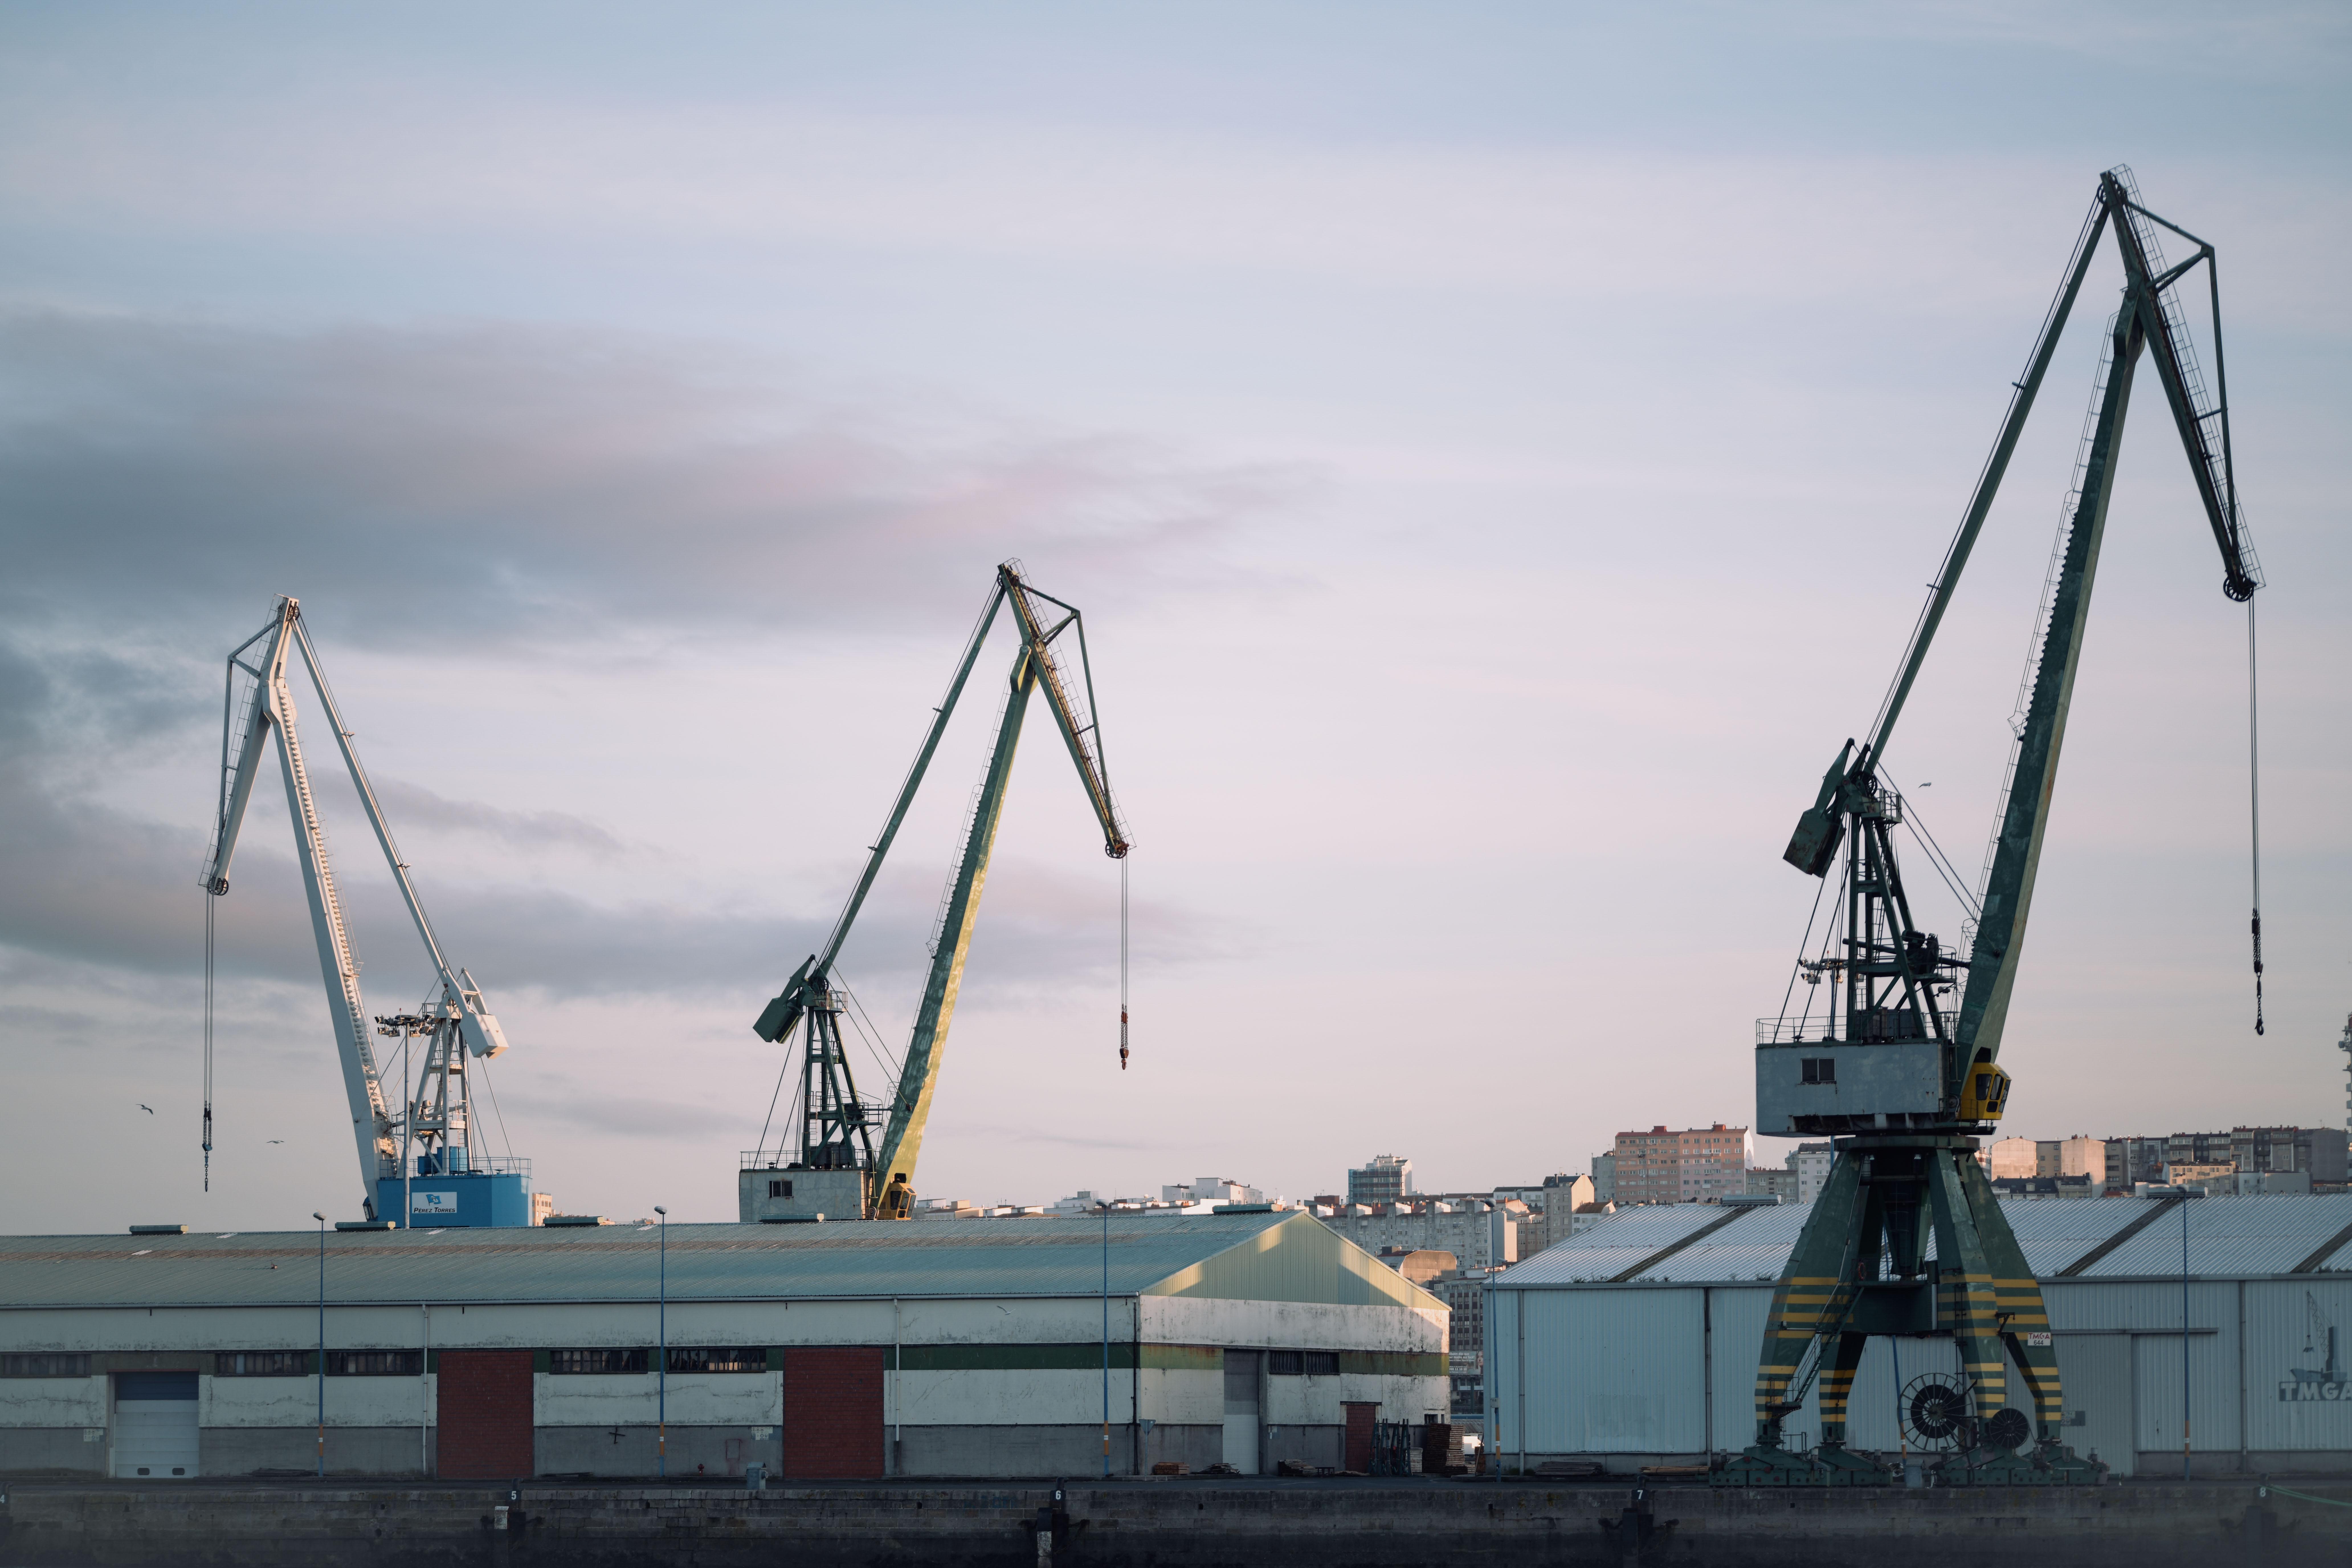 Dous novos ciclos de outono traen concertos a Vigo e Coruña reivindicando o seu carácter portuario